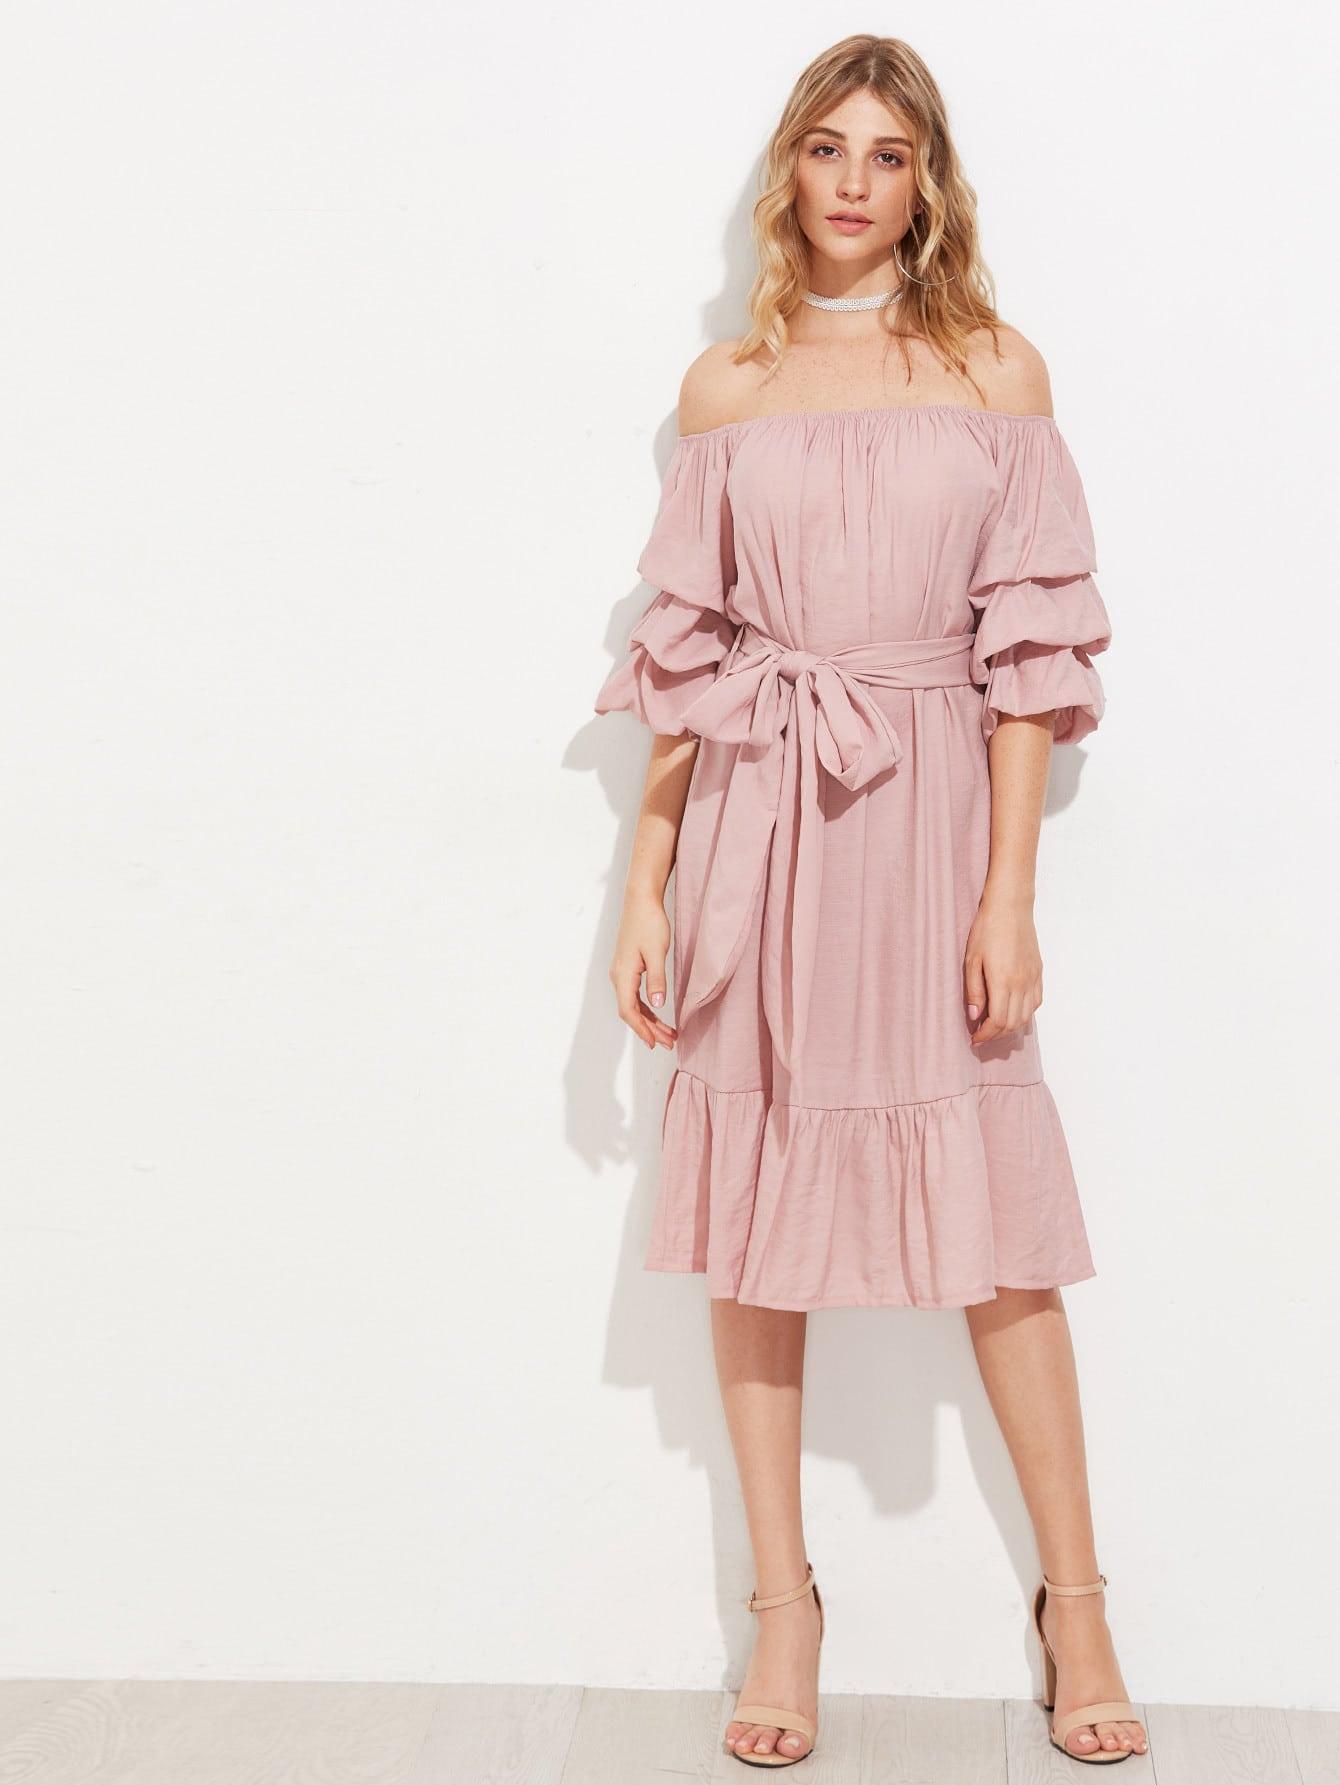 Bardot Ruched Sleeve Frill Hem Self Tie Dress dress170621141